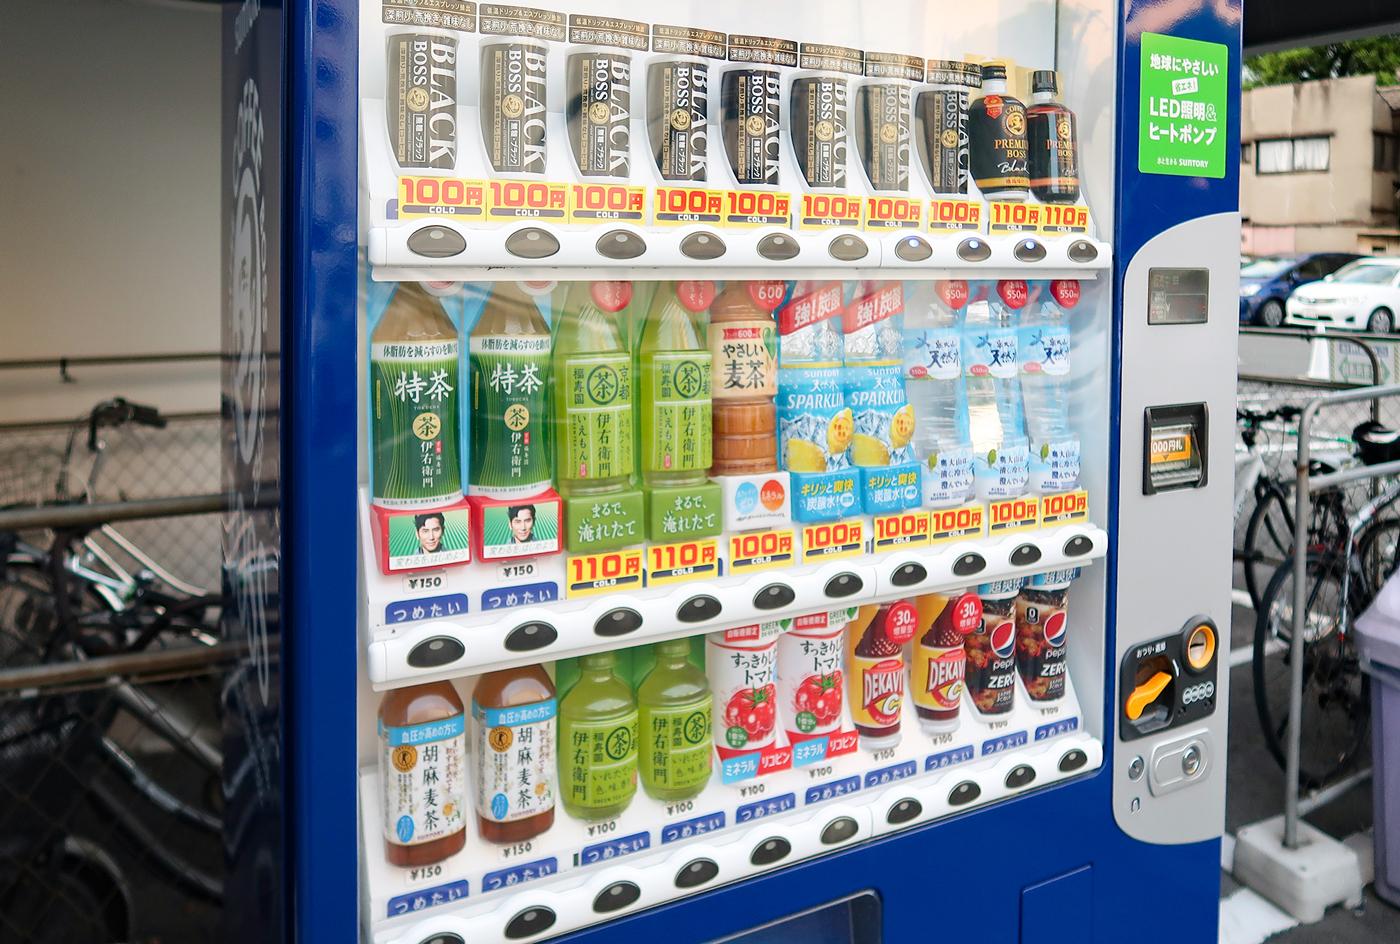 自動販売機の銘柄を「お茶・水・トクホ・無糖」中心に変更。